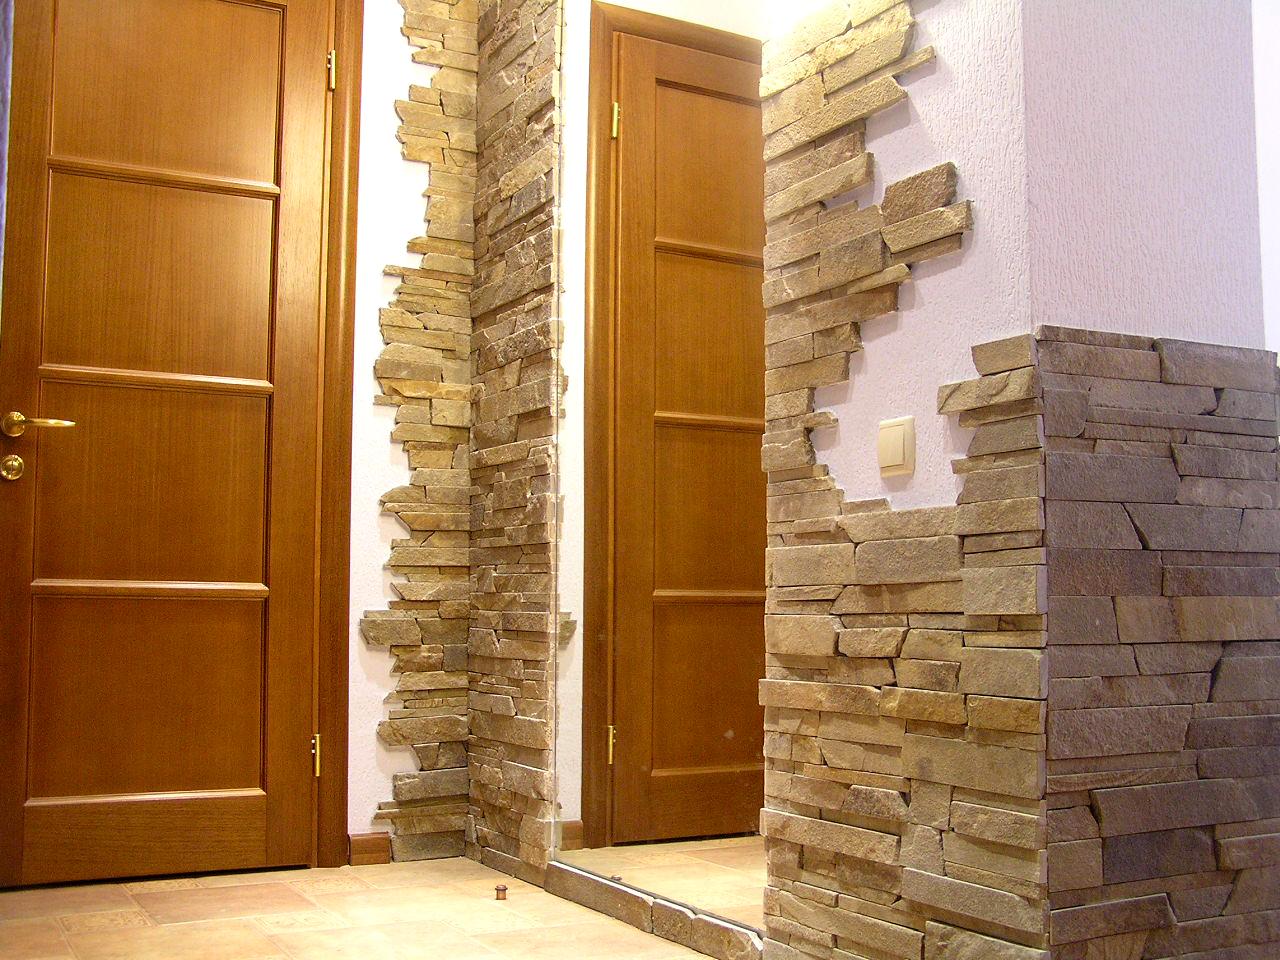 Внутренняя отделка стен камнем.